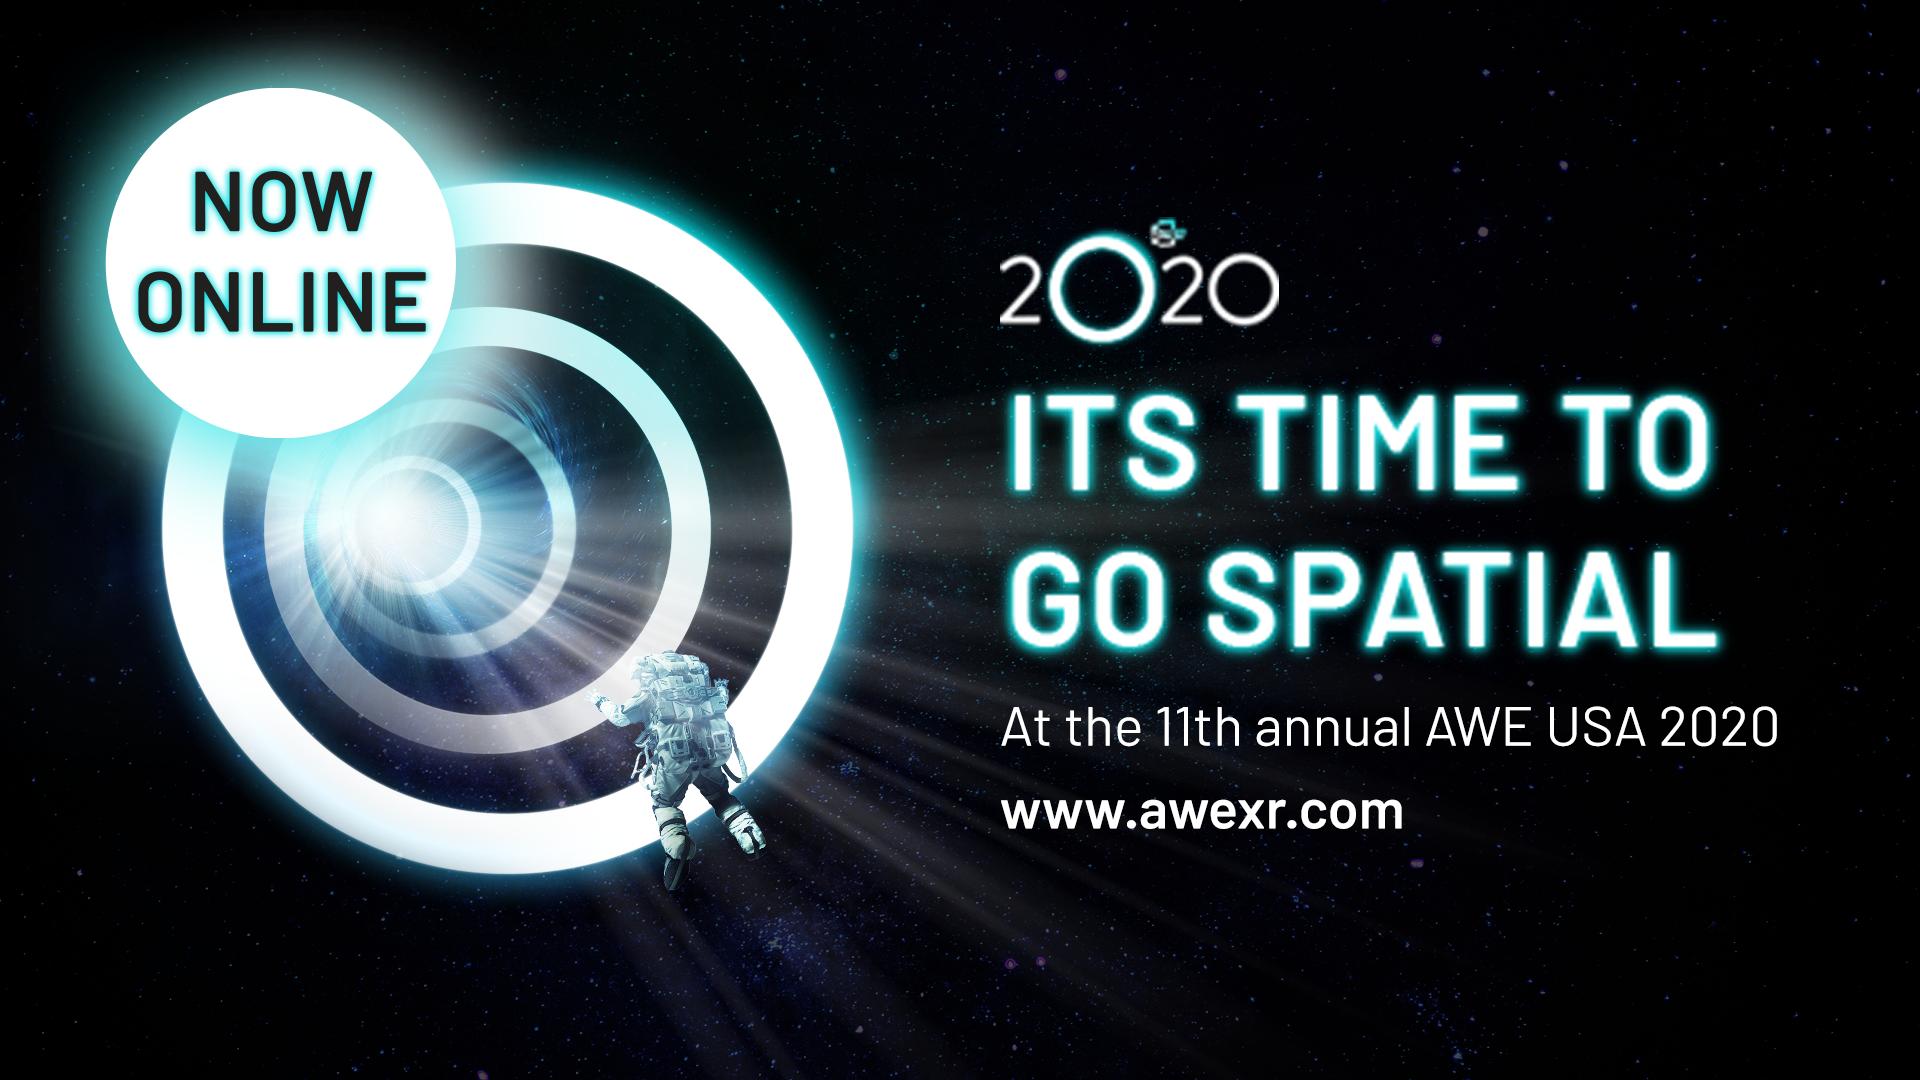 Radiant Presents AR/VR Displays at AWE 2020